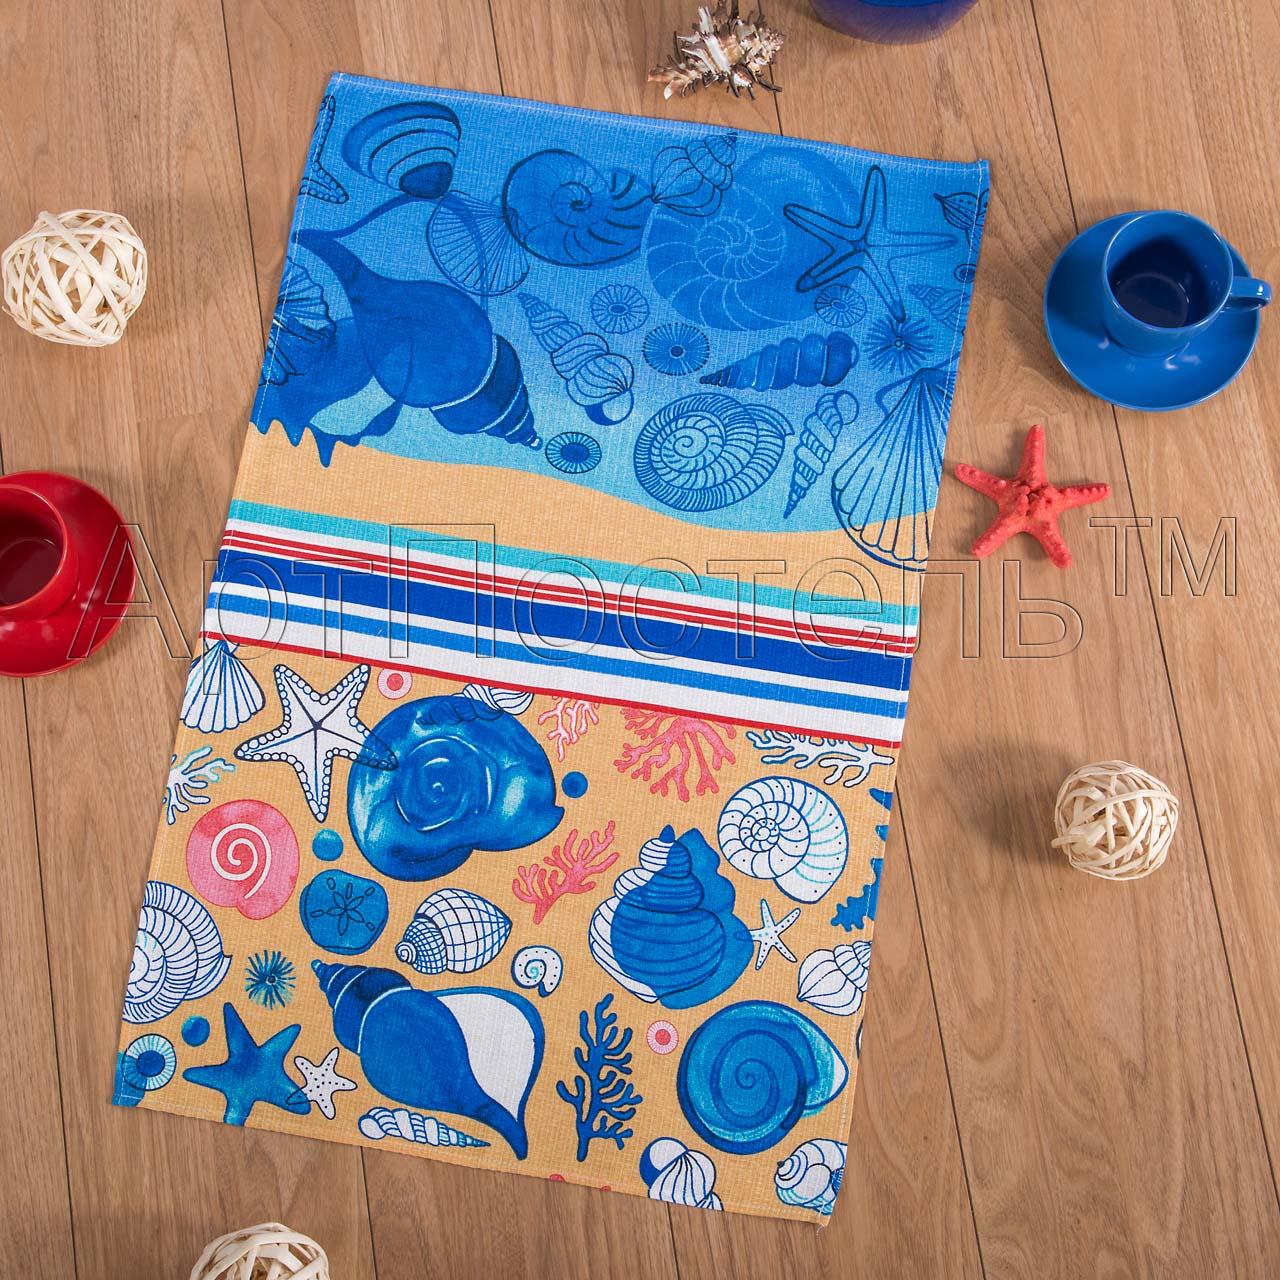 Вафельное полотенце Пляж р. 80х150Вафельные полотенца<br>Плотность: 160 г/кв. м<br><br>Тип: Вафельное полотенце<br>Размер: 80х150<br>Материал: Вафельное полотно